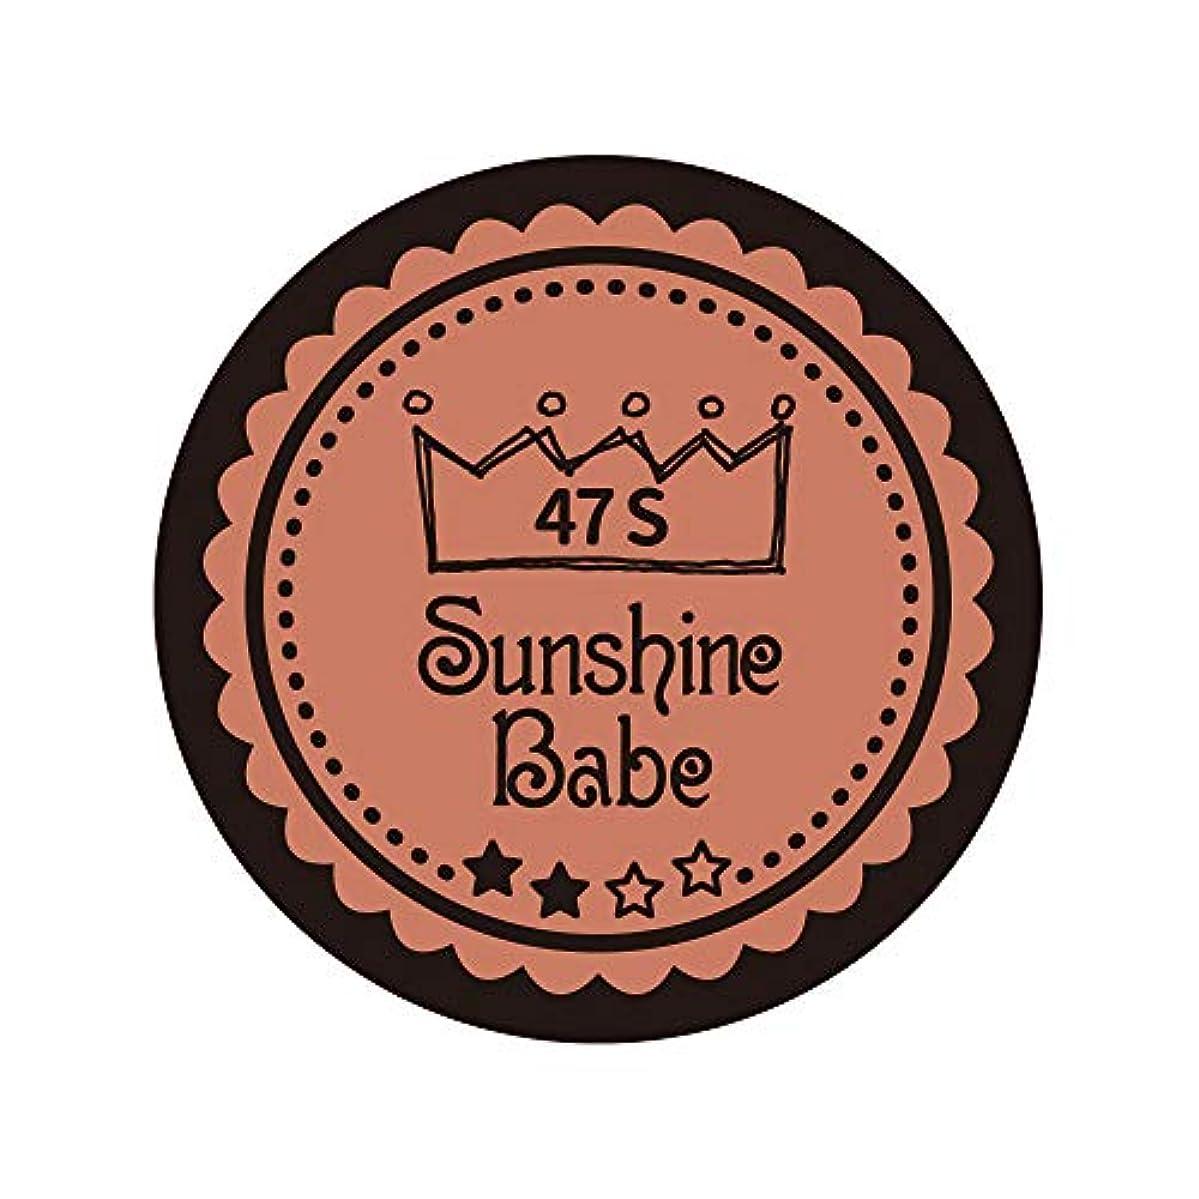 時計回りバイオリニストスクラッチSunshine Babe カラージェル 47S ピーチブラウン 2.7g UV/LED対応